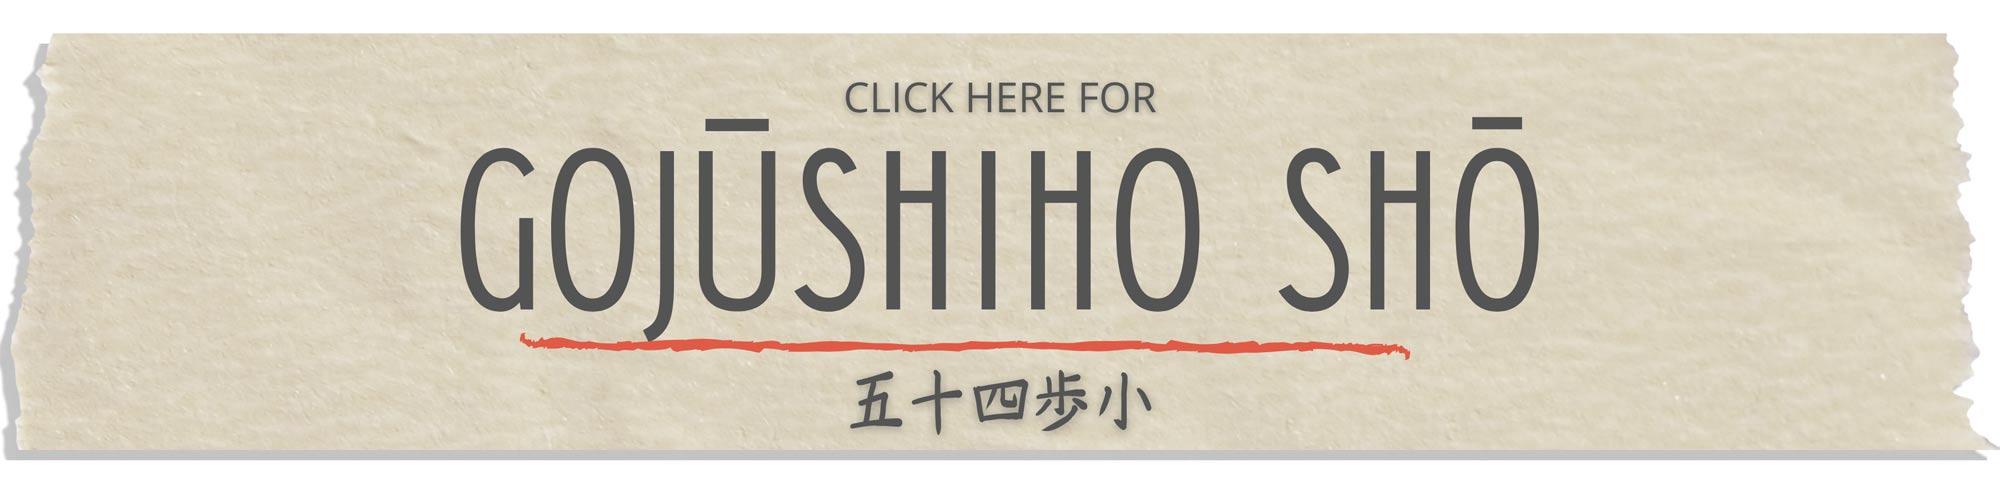 gojushiho sho tutorial